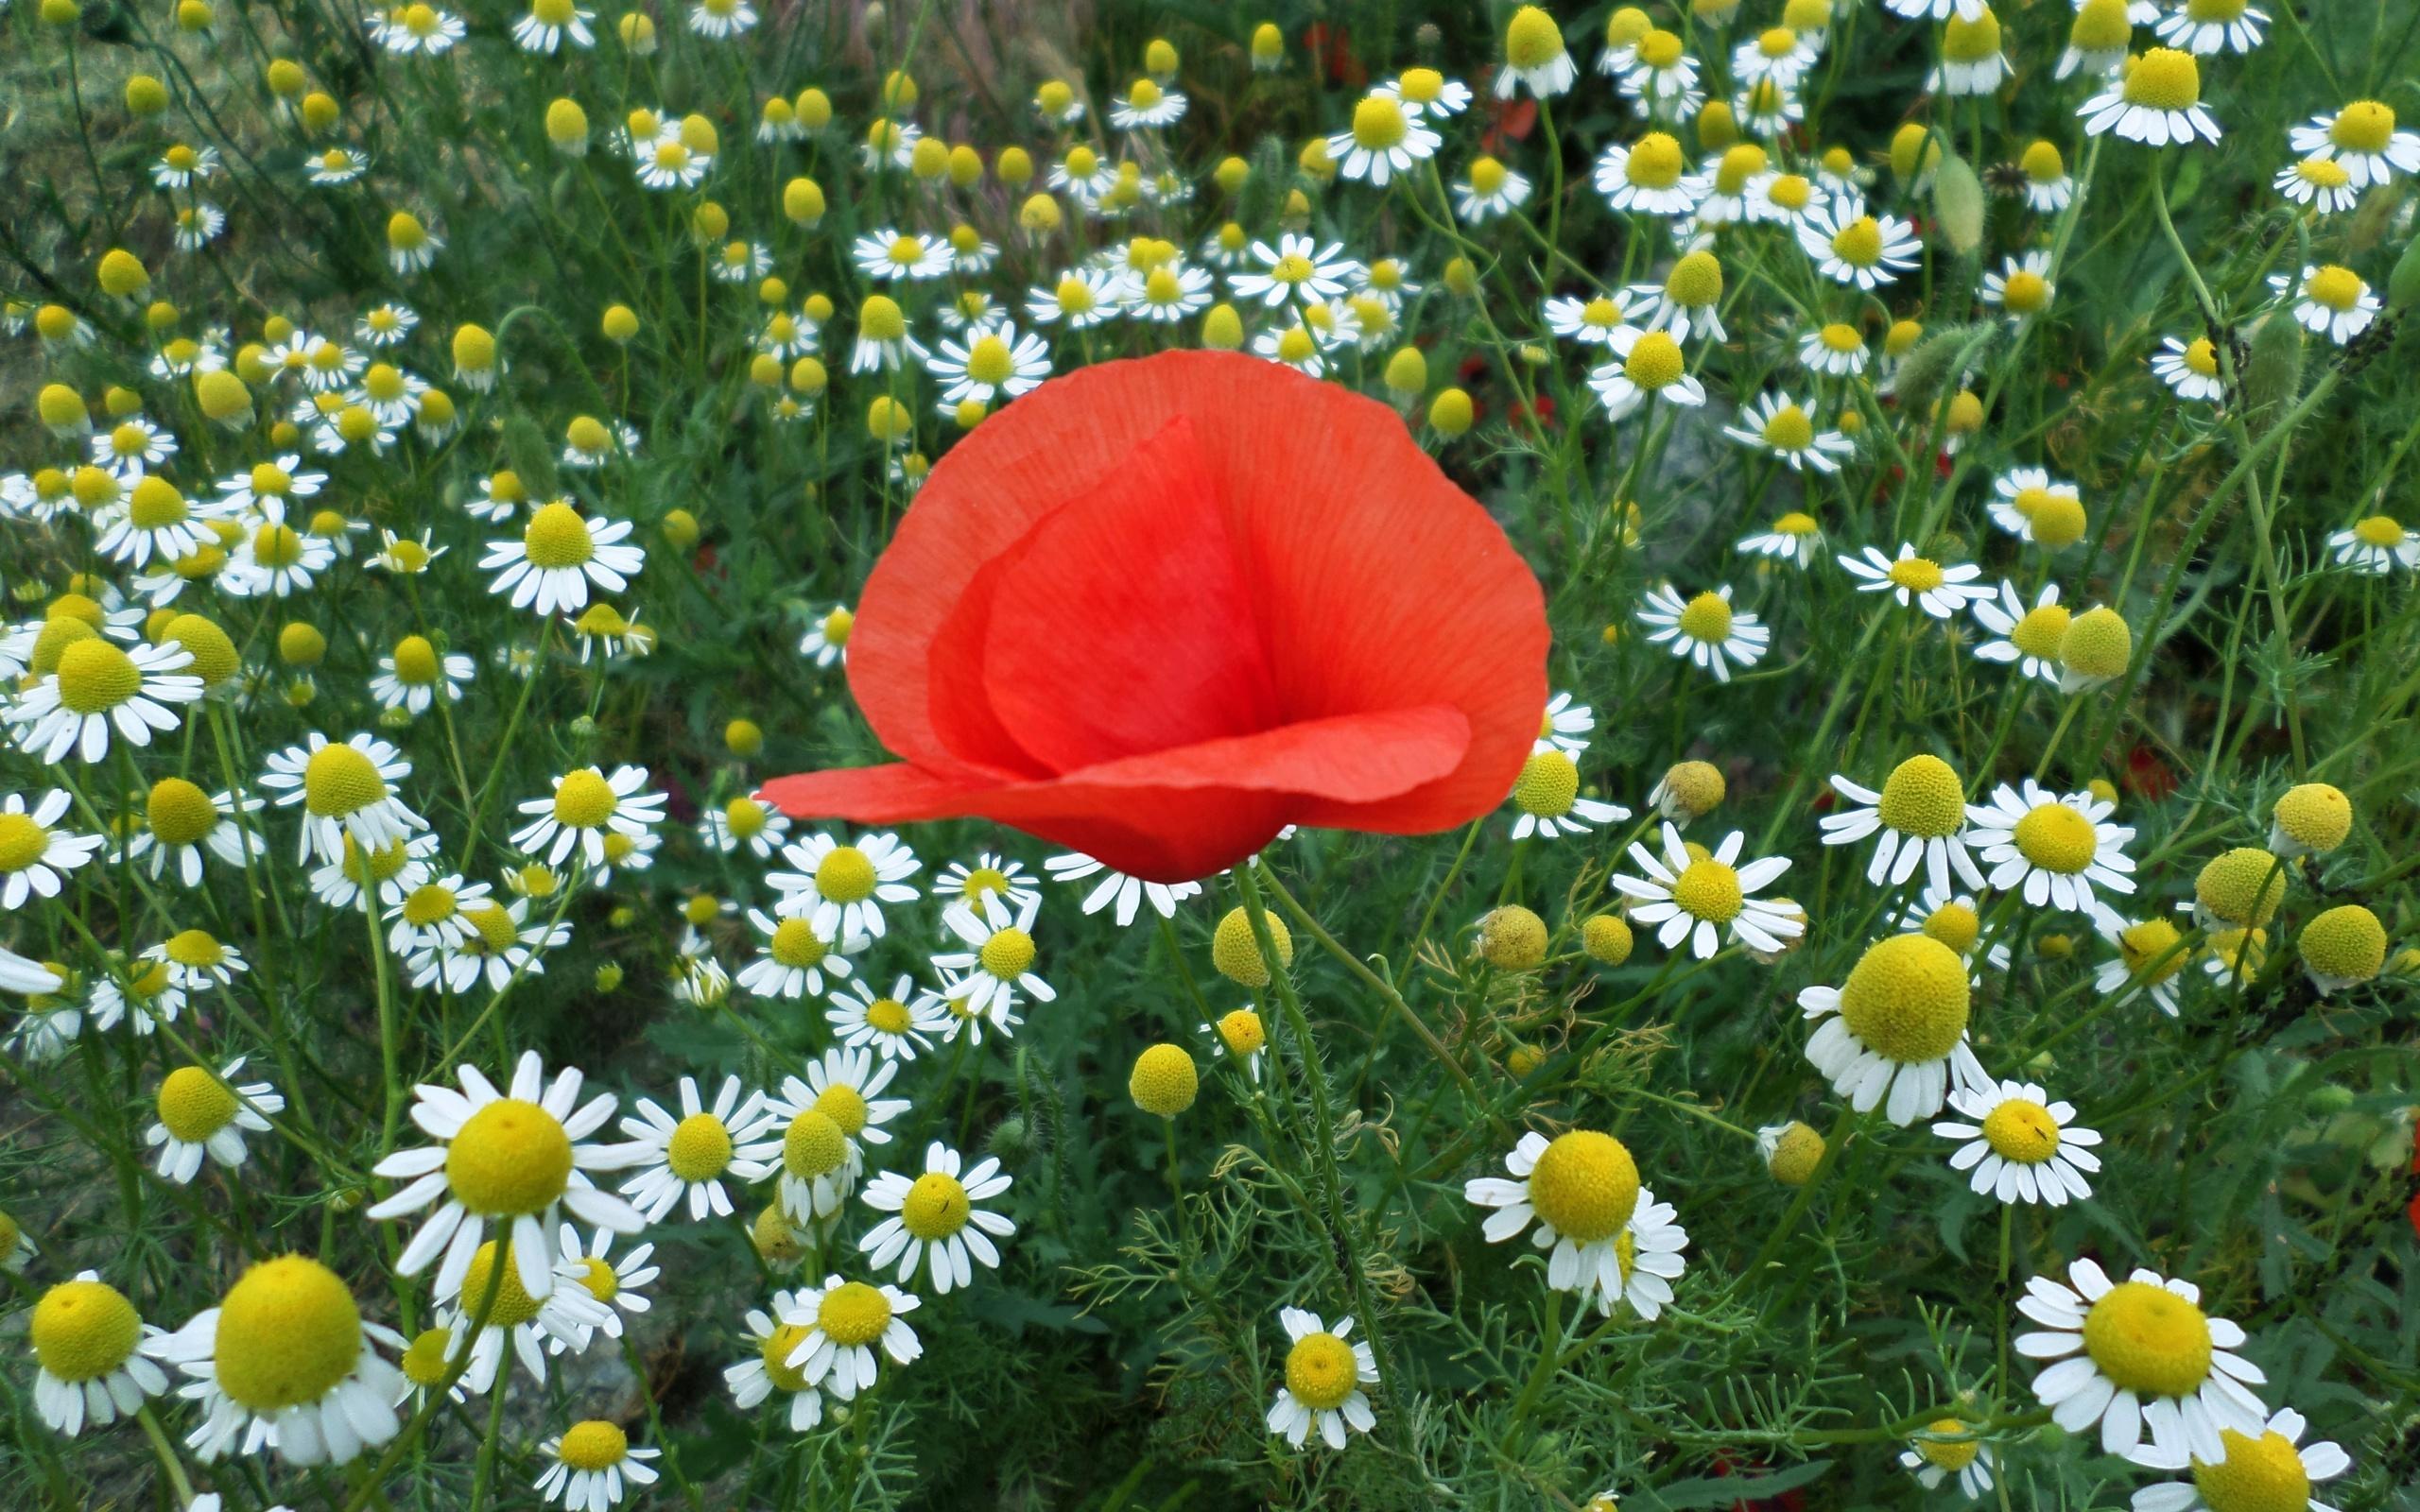 взгляд несведущего июньские цветы картинки знаете